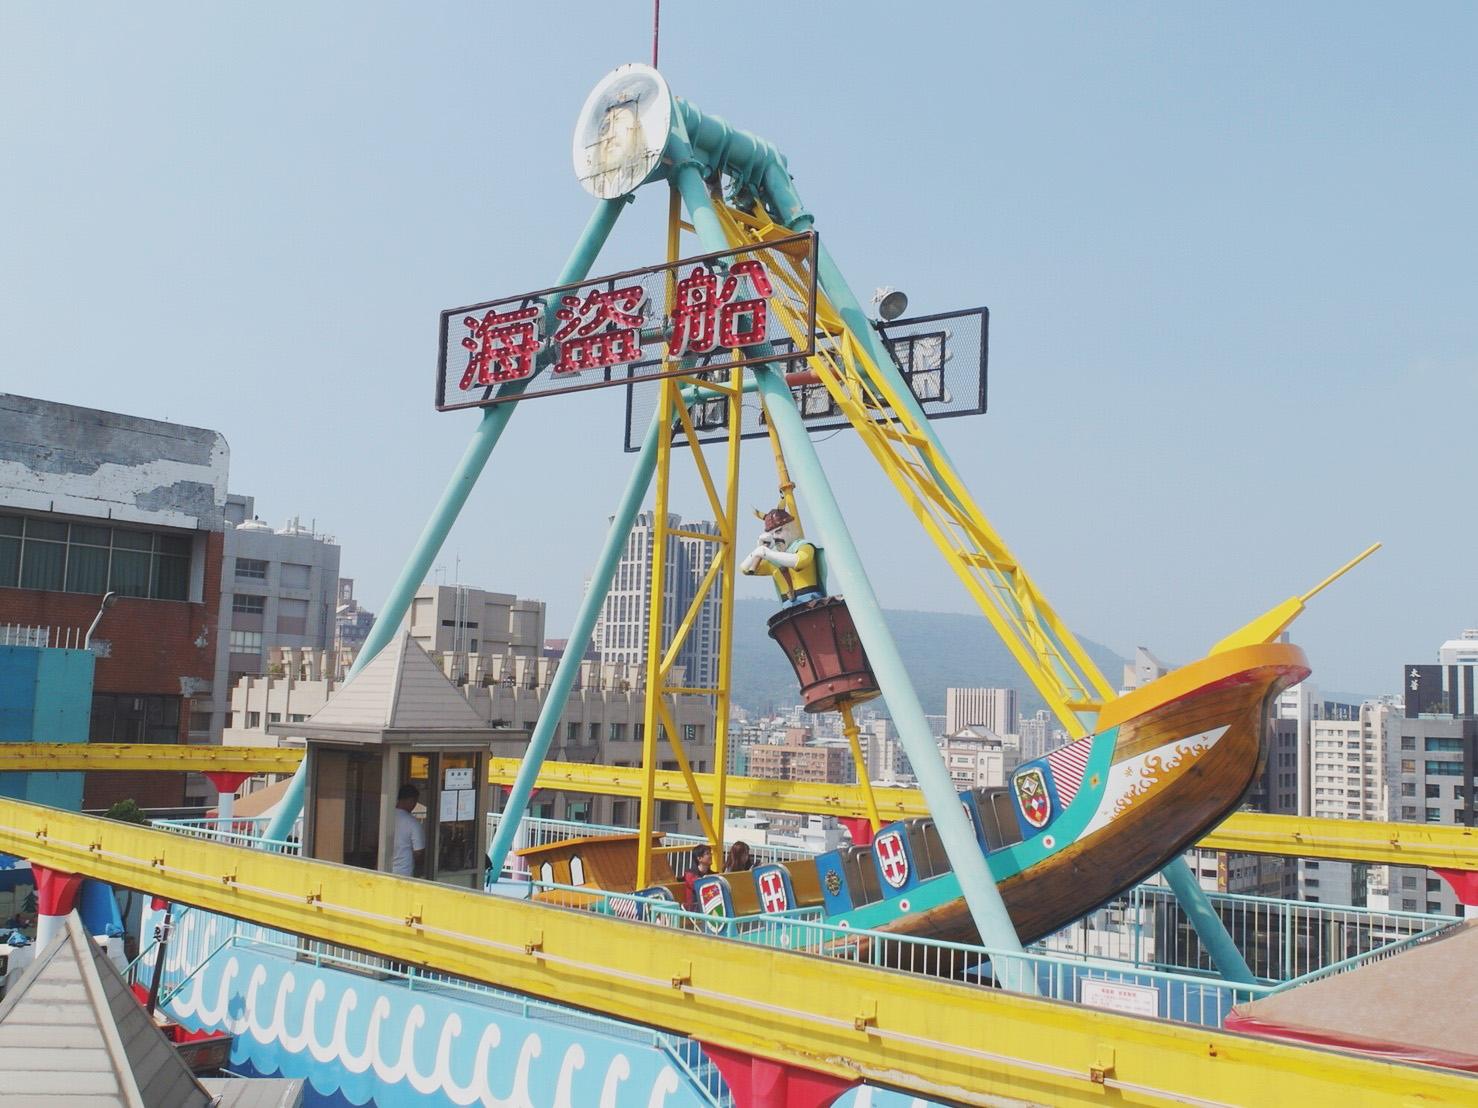 大立百貨空中遊樂園 - Talee Rooftop Theme Park